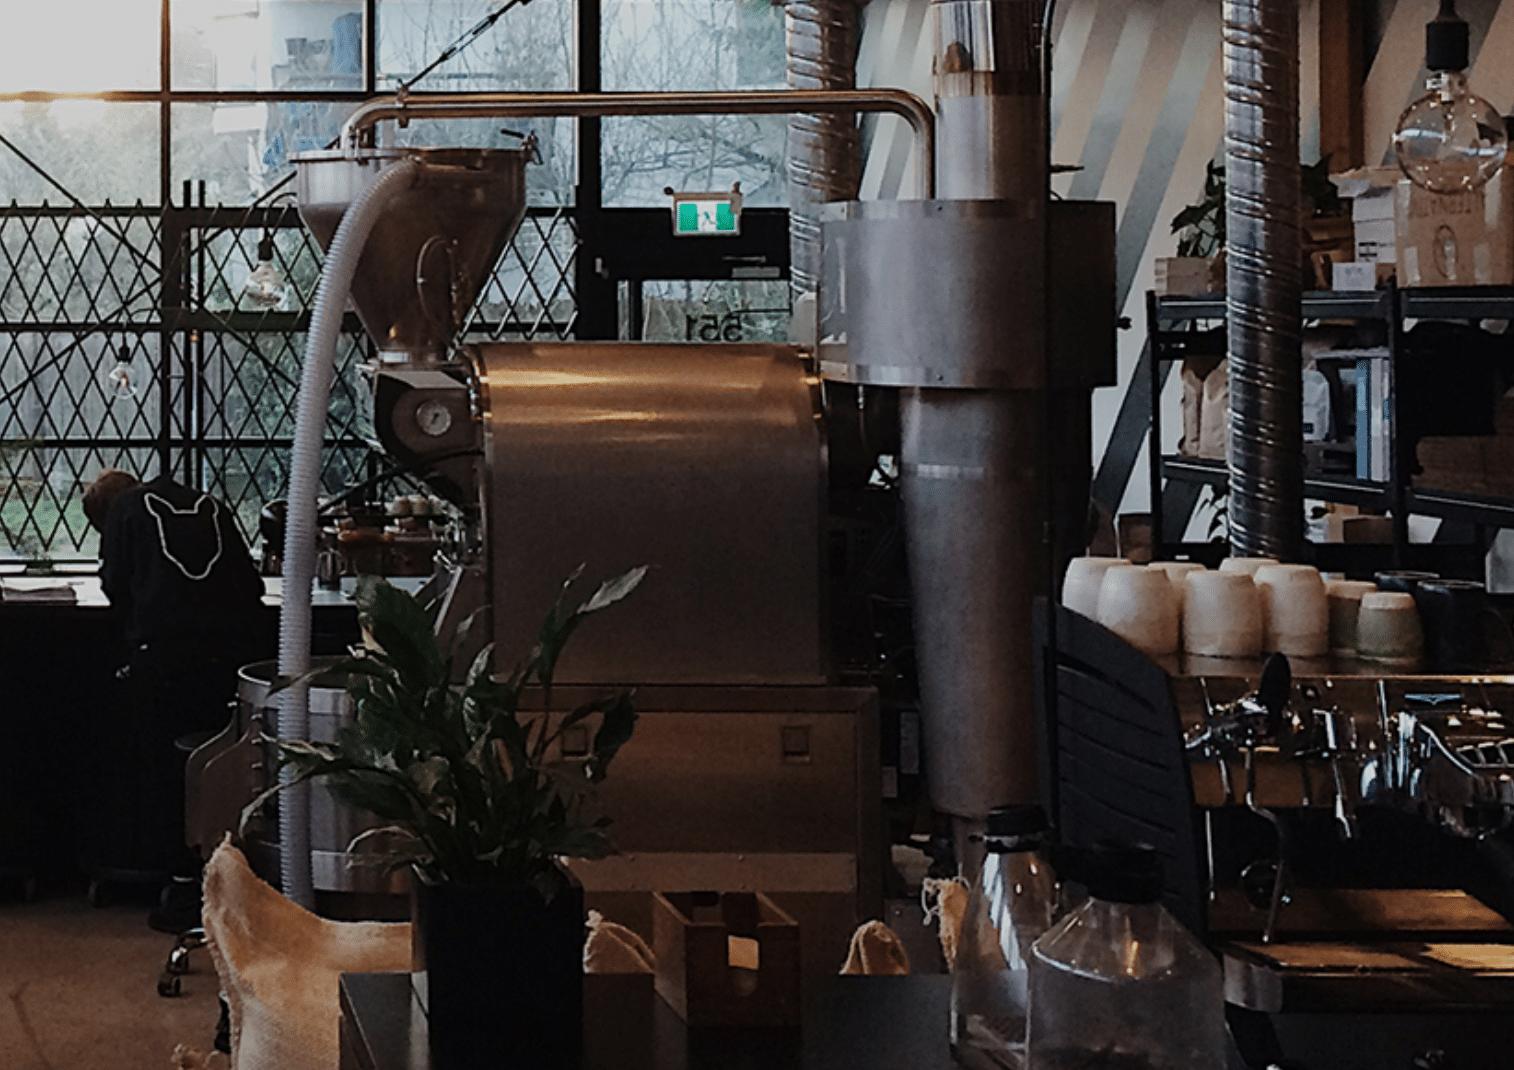 Timbertrain Coffee Roasters in Canada